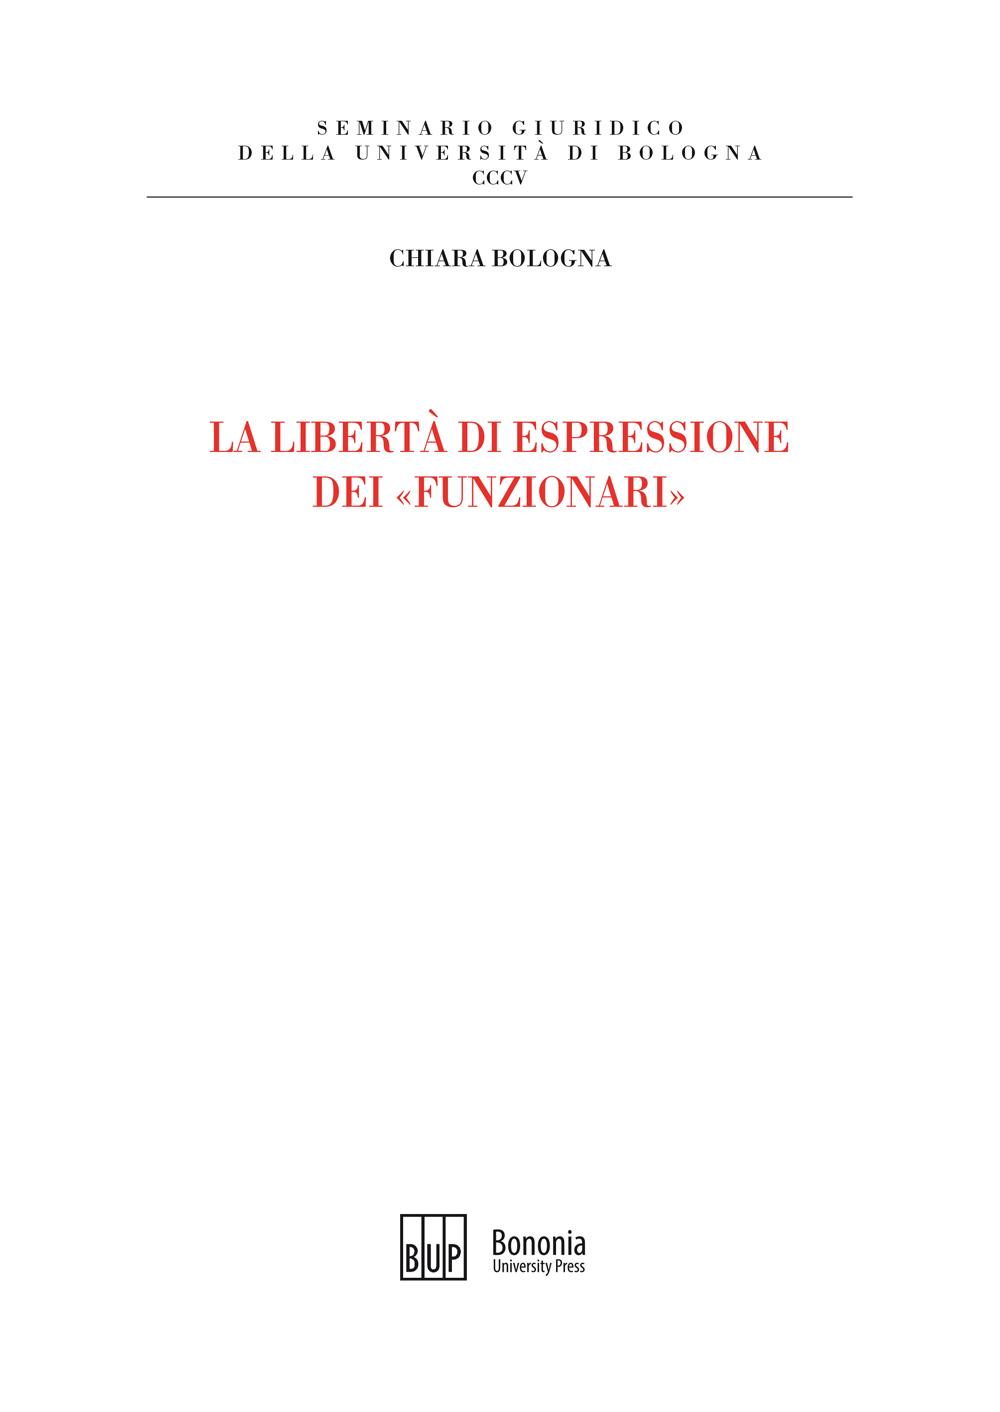 La libertà di espressione dei «funzionari» - Bononia University Press